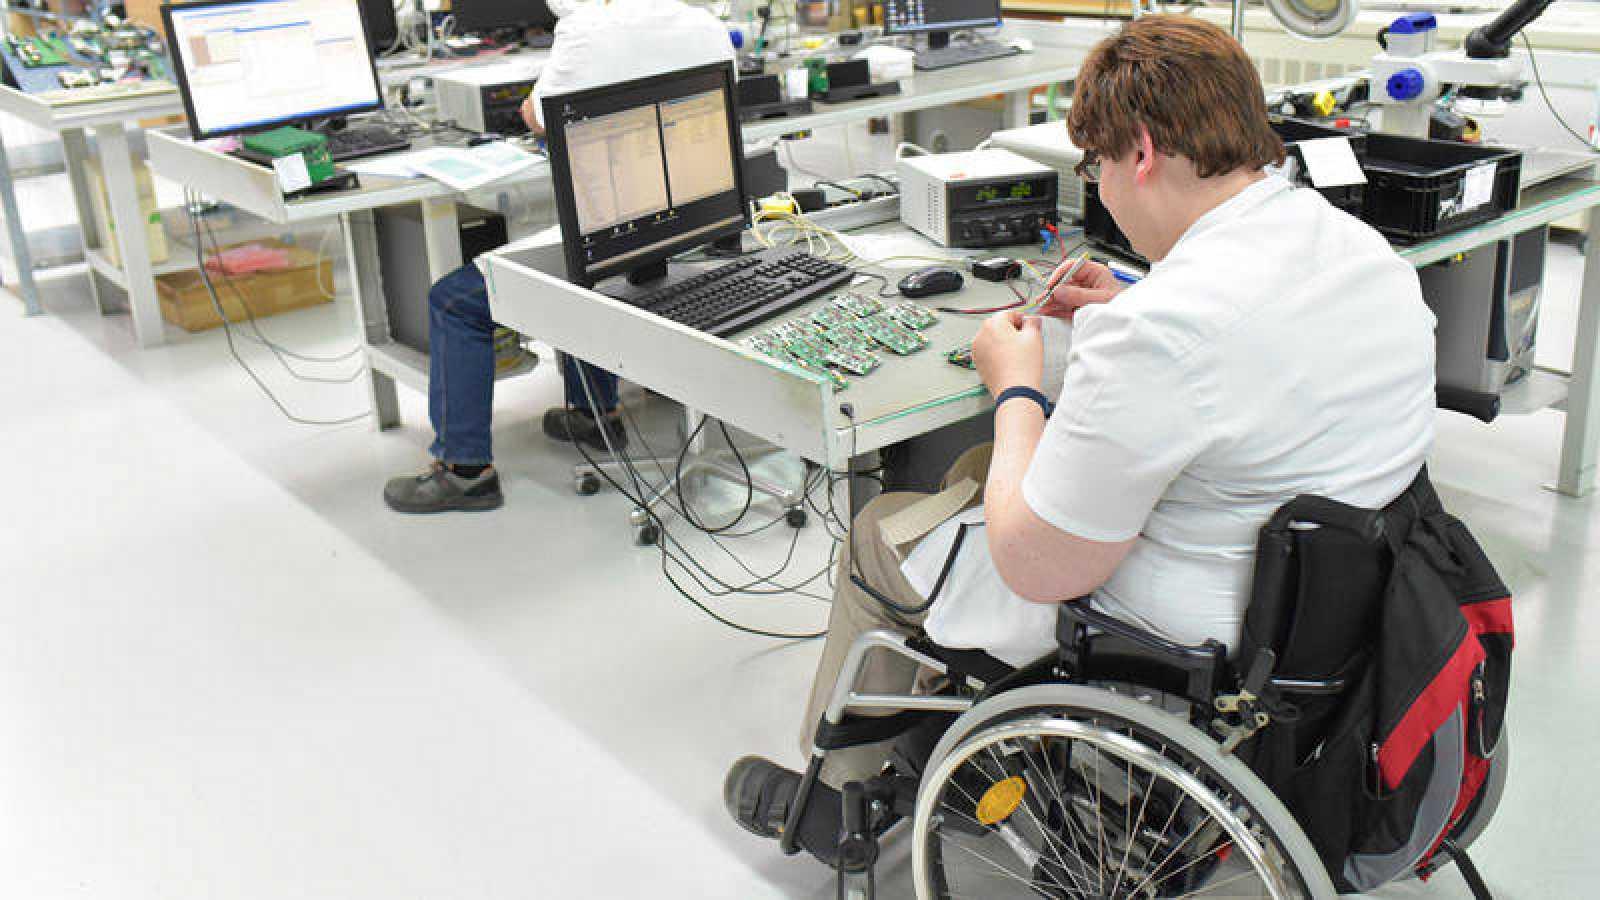 Los trabajadores con discapacidad cobran un 17% menos que el resto